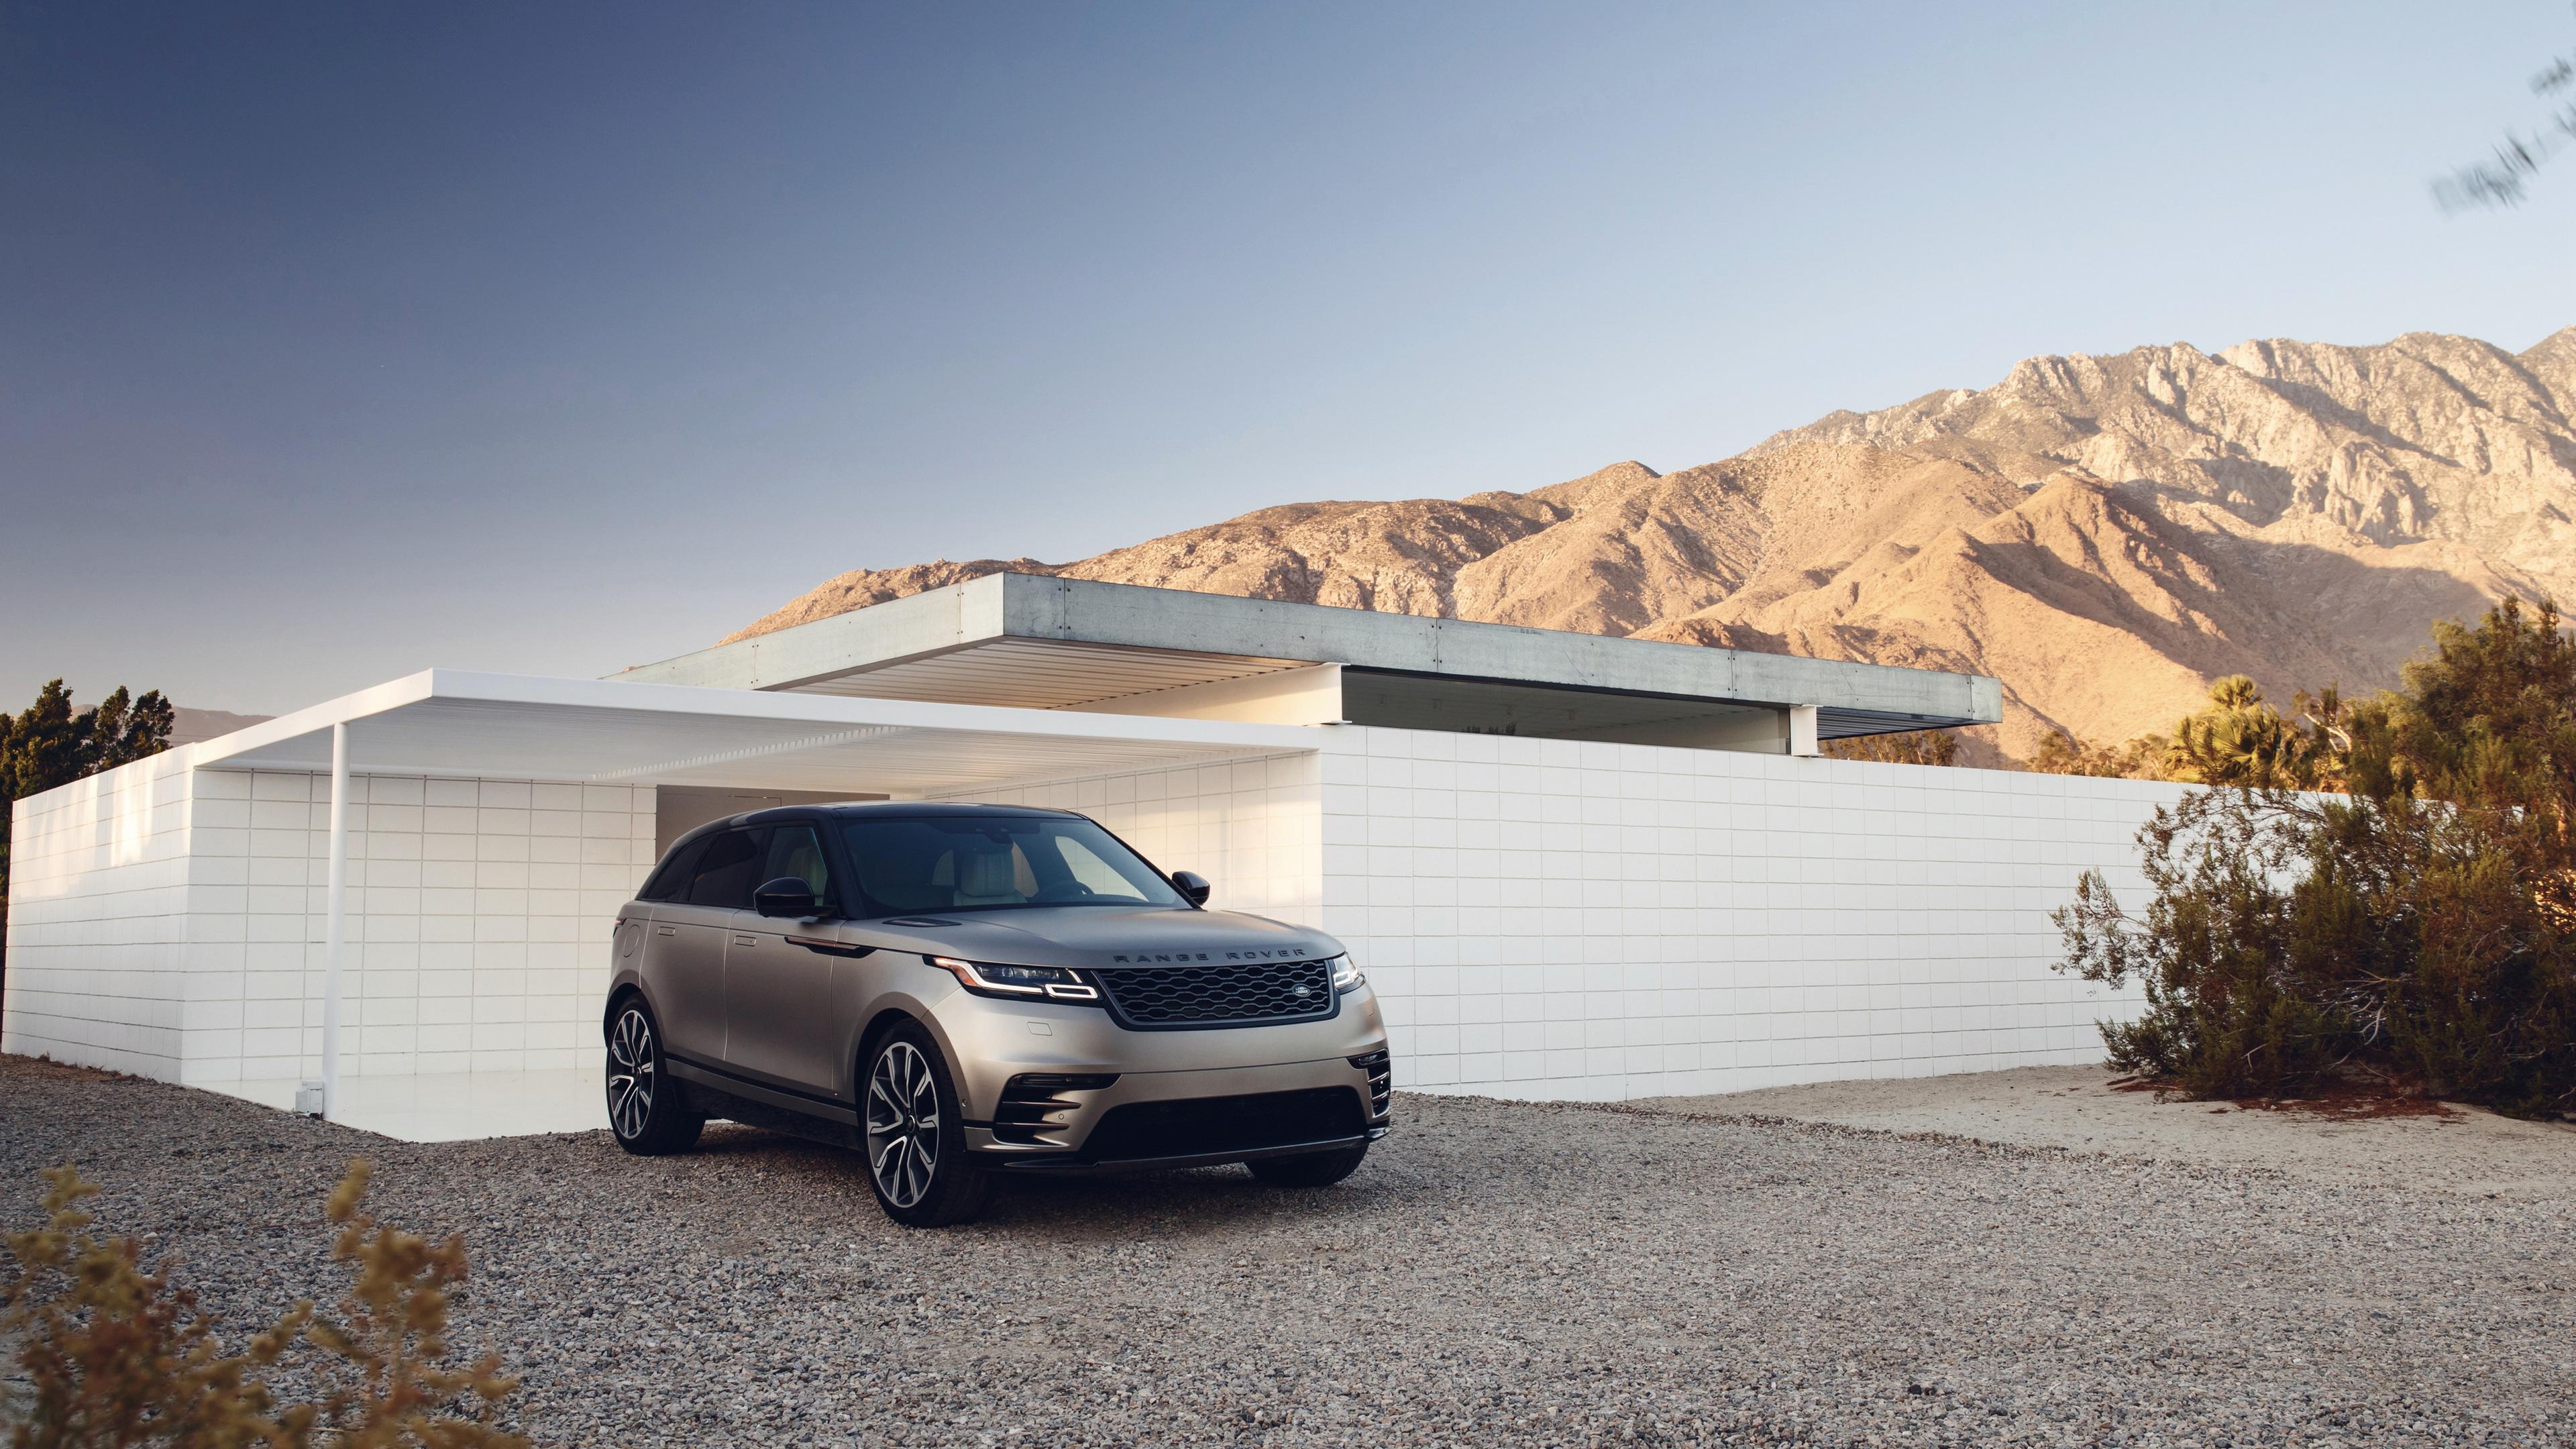 2018 range rover velar r dynamic p380 1539107221 - 2018 Range Rover Velar R Dynamic P380 - range rover wallpapers, range rover velar wallpapers, land rover wallpapers, hd-wallpapers, cars wallpapers, 4k-wallpapers, 2018 cars wallpapers